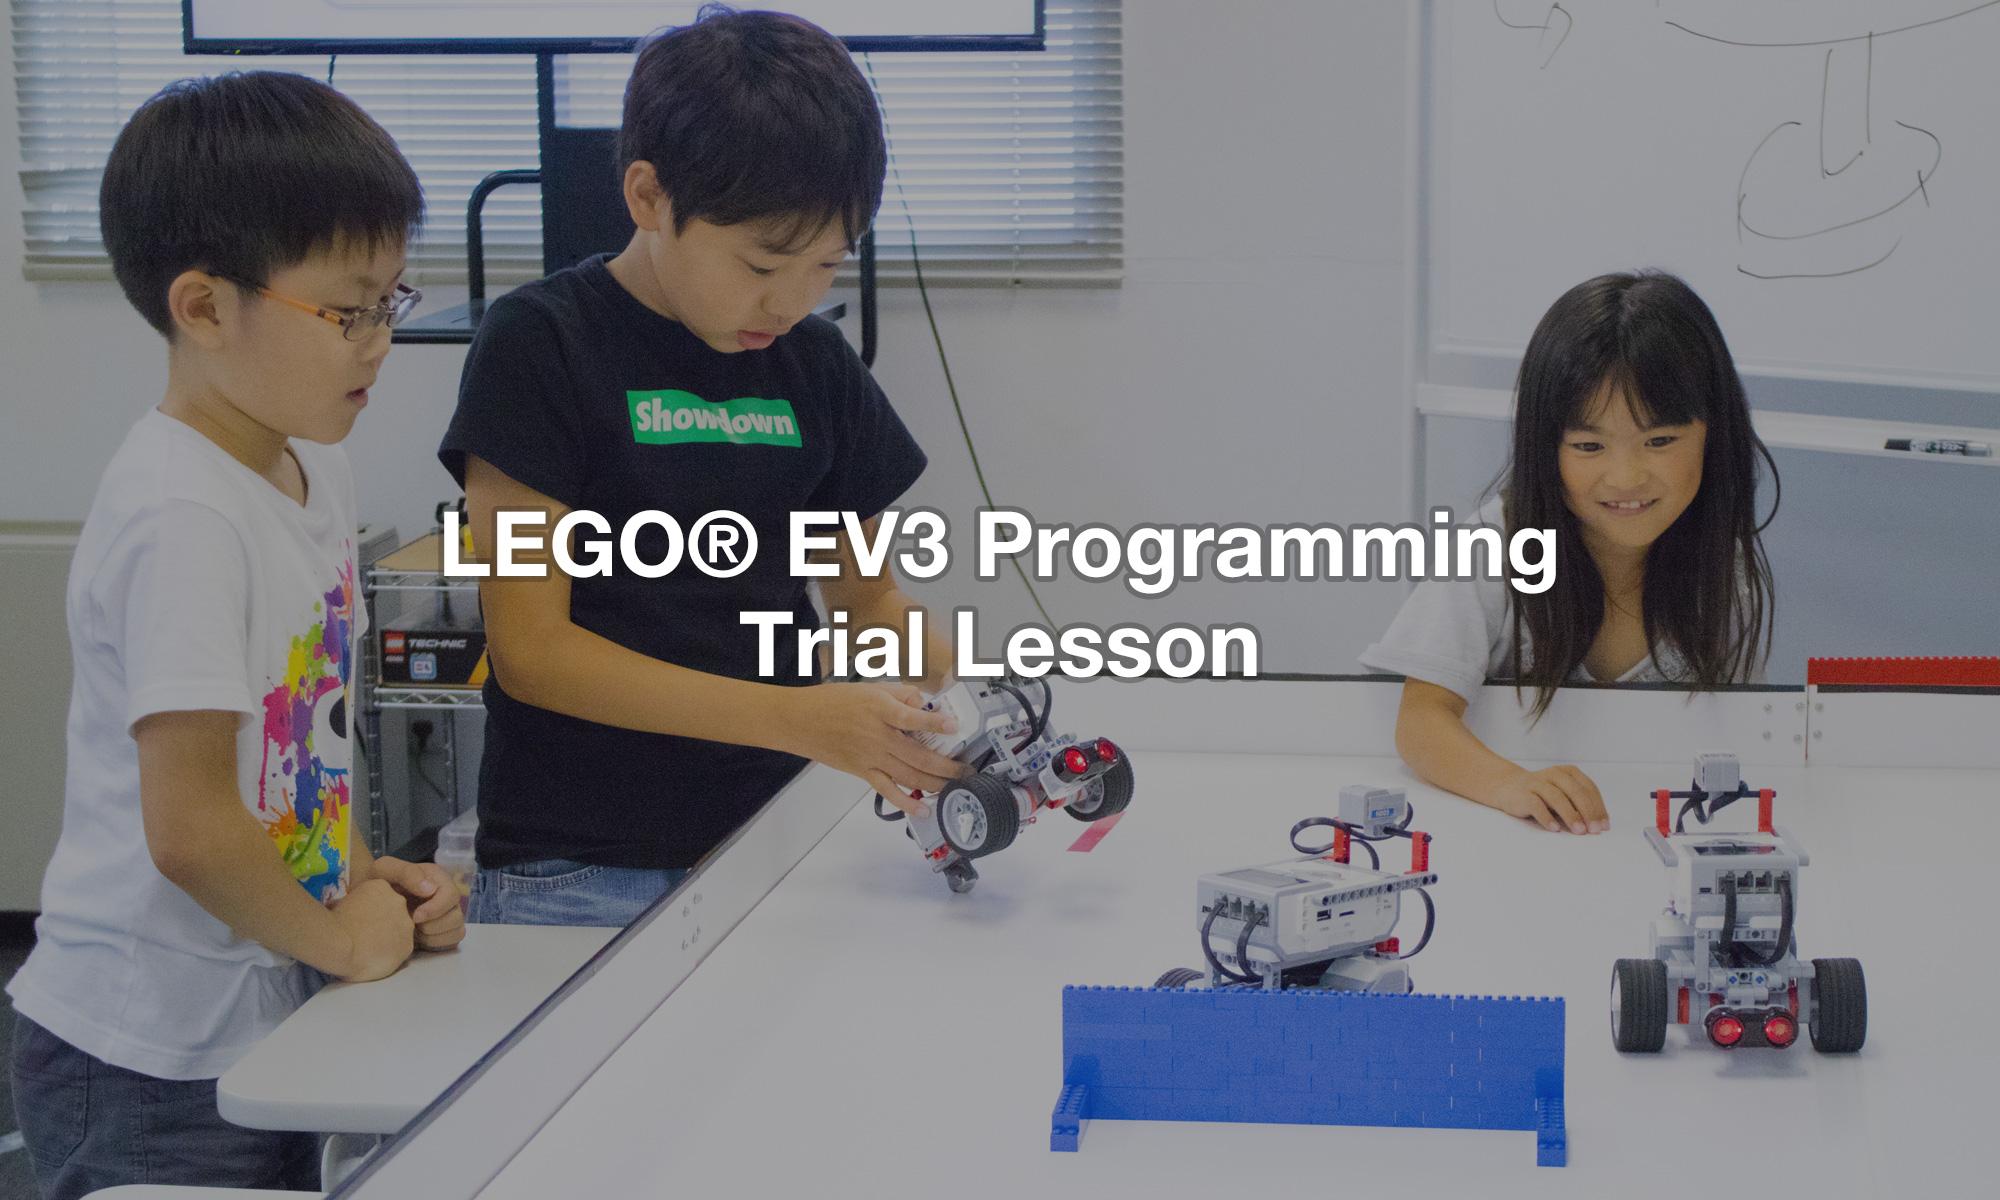 小学生・中学生 ロボット・プログラミング授業 無料体験